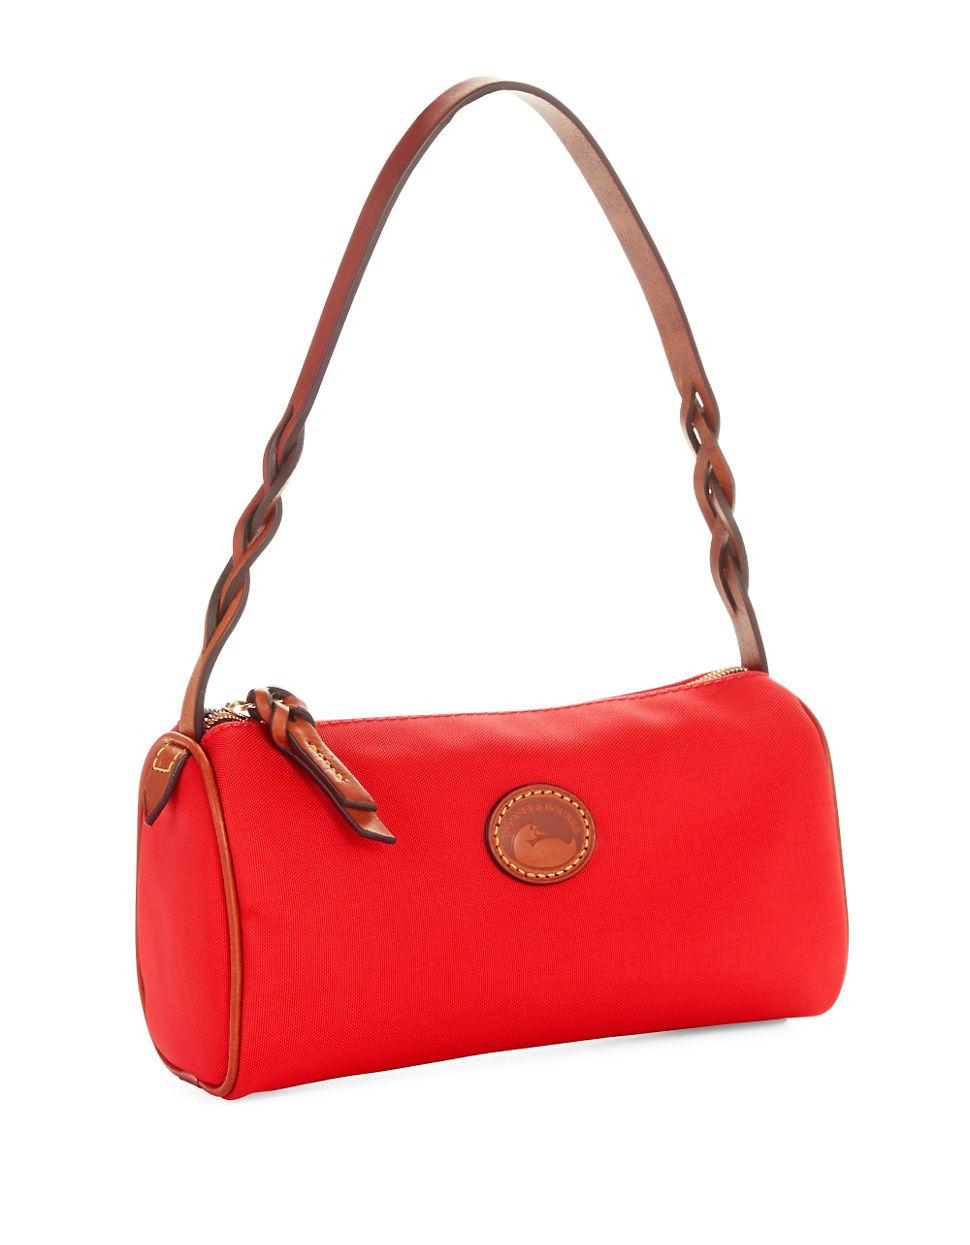 Dooney Amp Bourke Small Barrel Handbag In Red Lyst